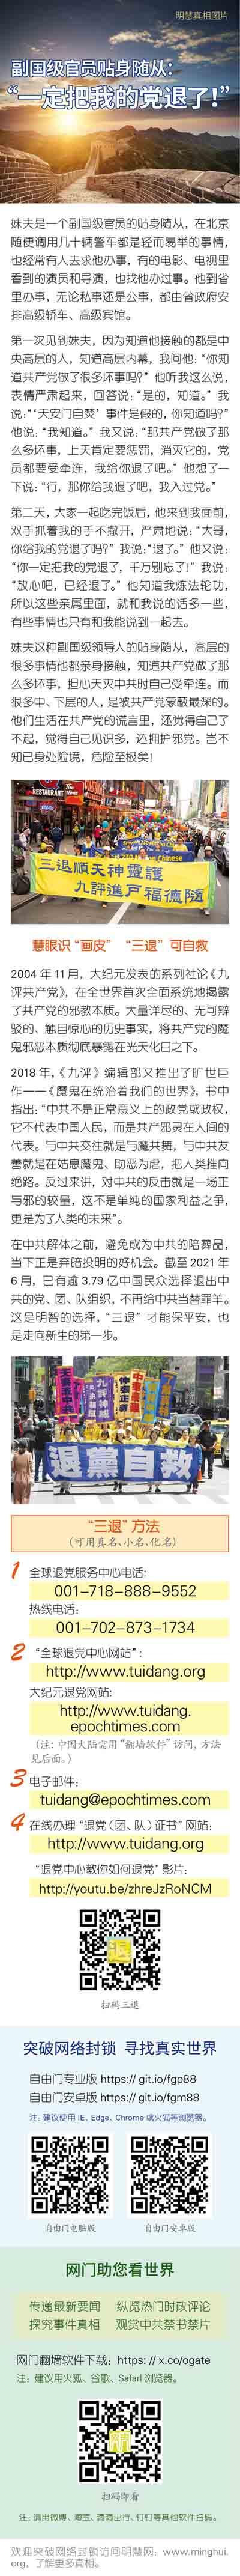 """(2021年06月20日) 手机图片:副国级官员贴身随从:""""一定把我的党退了!"""""""